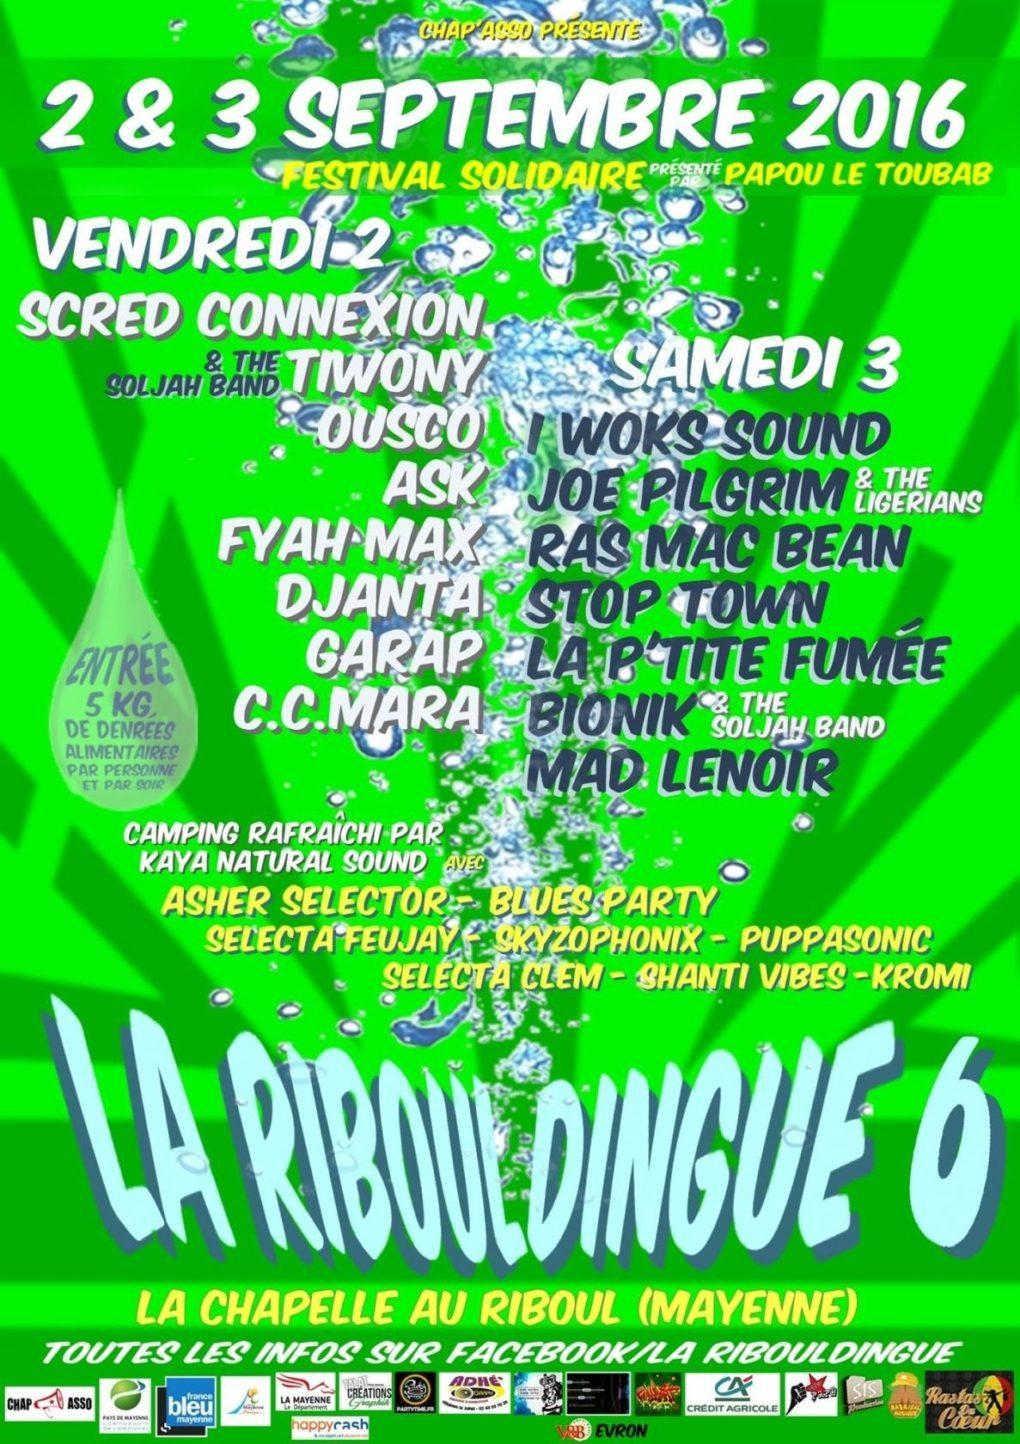 Festival solidaire la Ribouldingue : week-end du cœur La Chapelle-au-Riboul